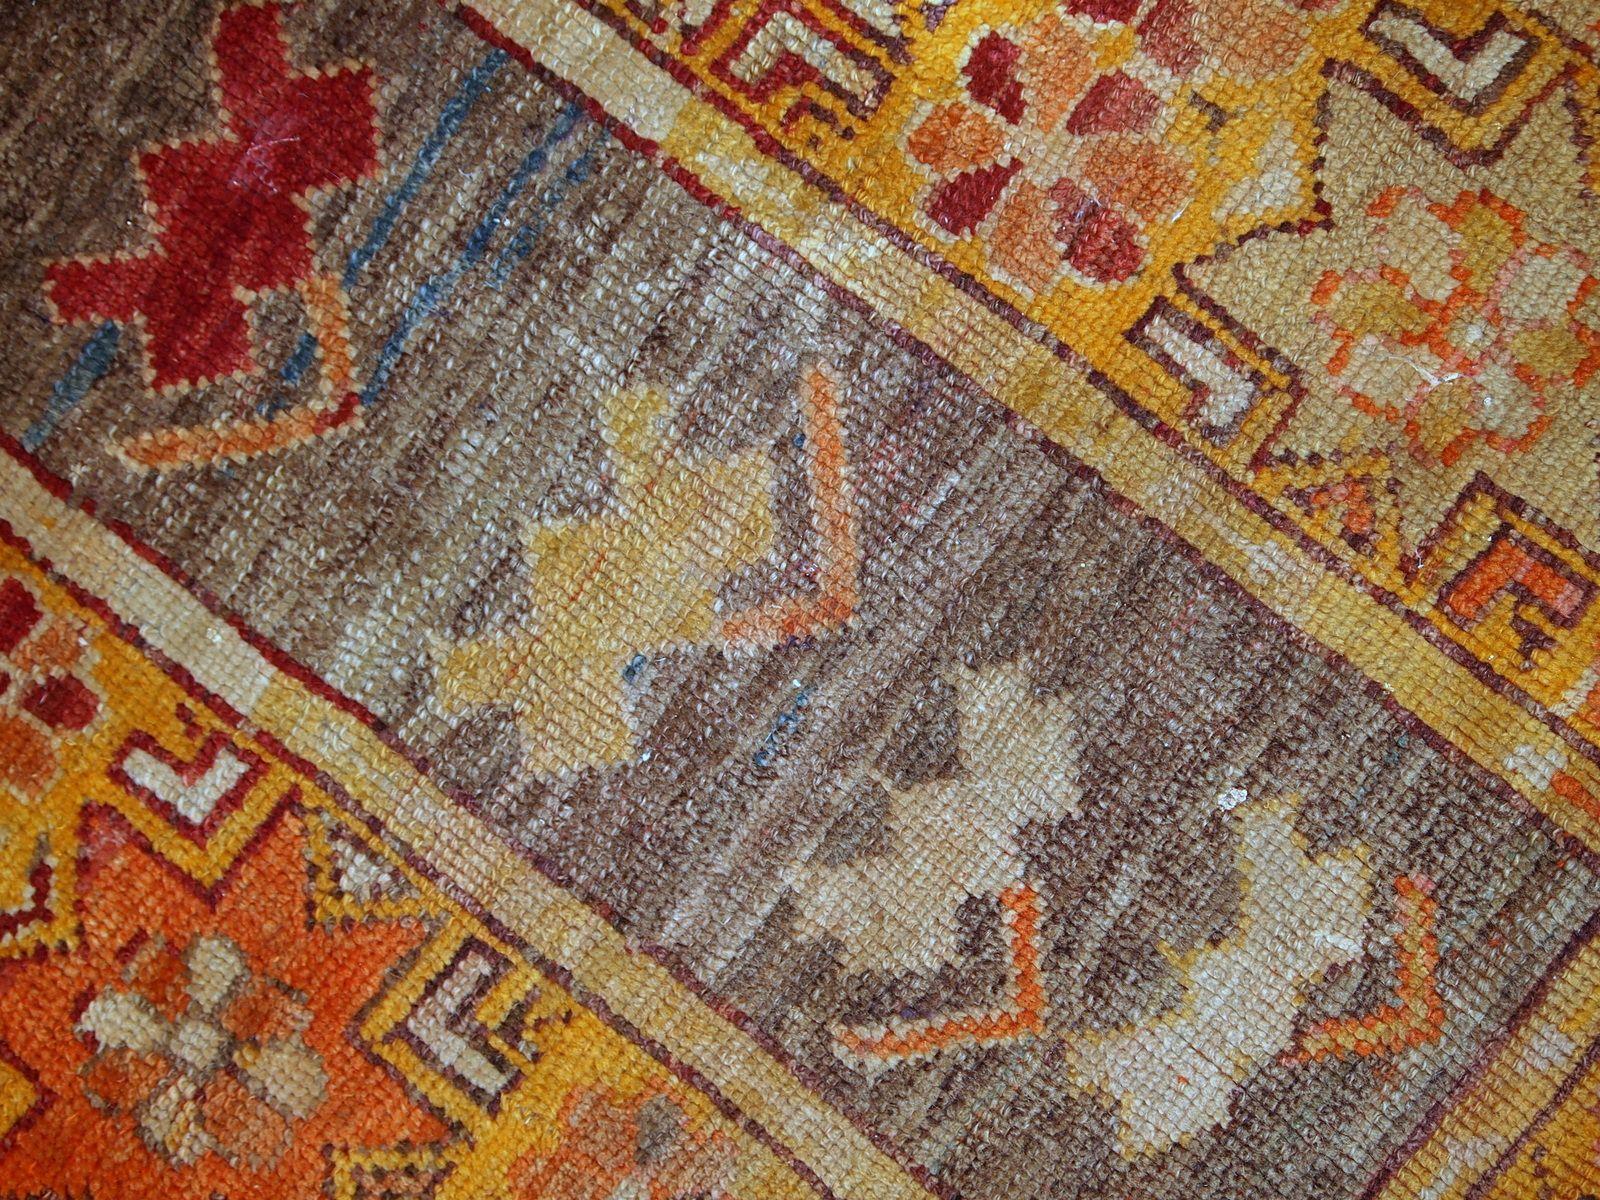 tapis antique anatolien fait la main turquie 1920s en vente sur pamono. Black Bedroom Furniture Sets. Home Design Ideas